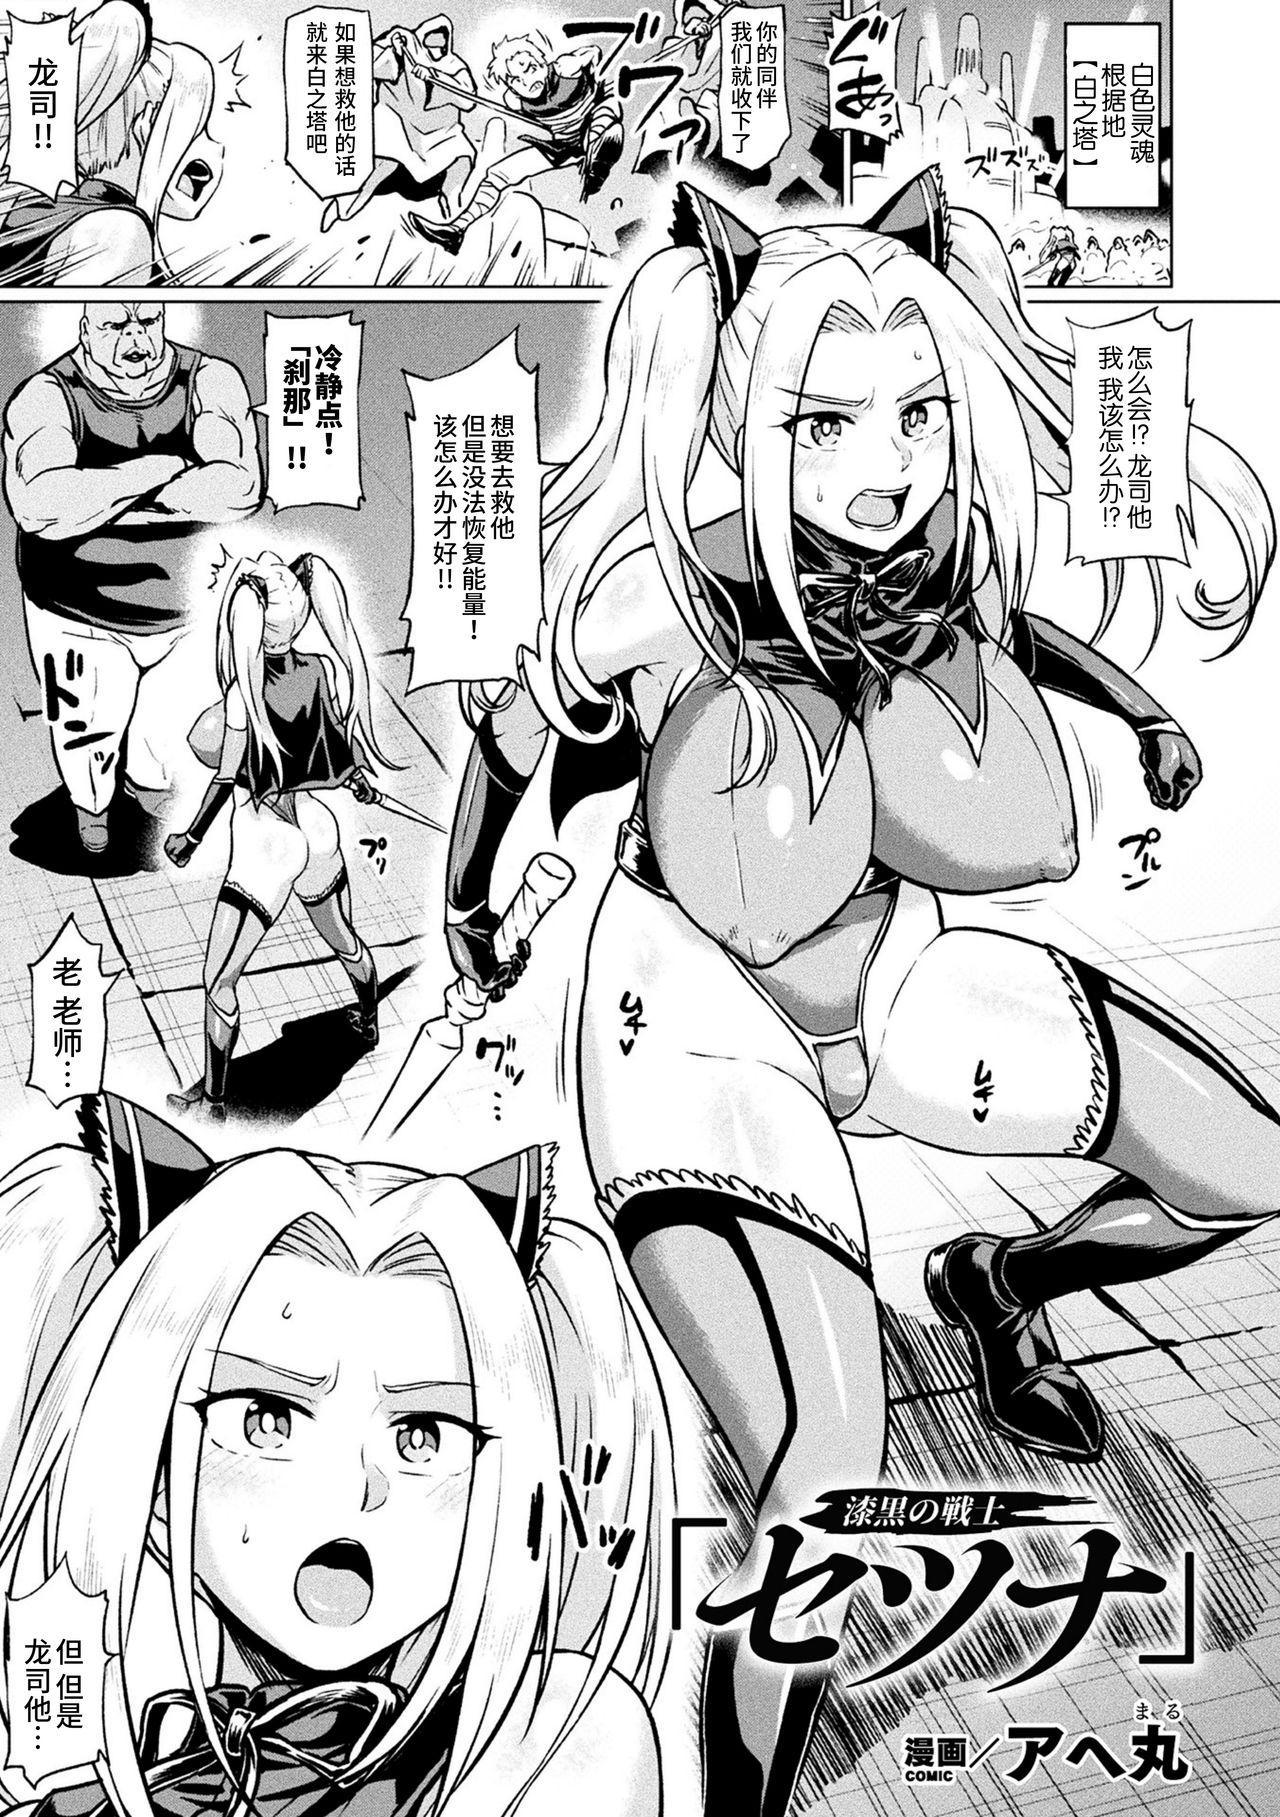 2D Comic Magazine Seigi no Heroine VS Tanetsuke Oji-san Vol. 2 3